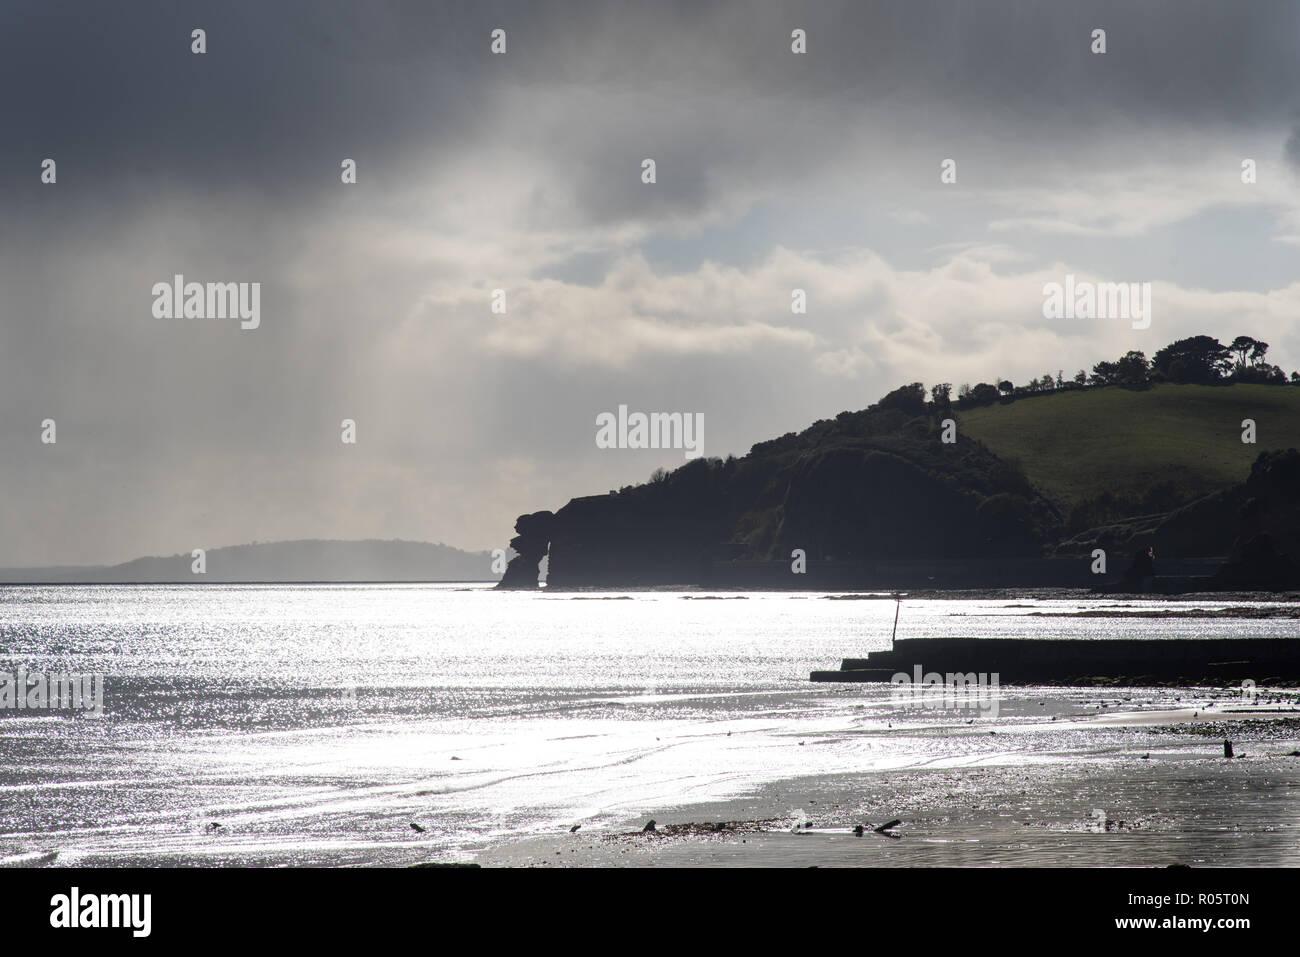 Le Curé et greffier pointe près de Holcombe, Teignmouth, Devon, UK. Bien que cela semble être une arche, c'est une pile de la mer qui s'est effondrée dans le Photo Stock